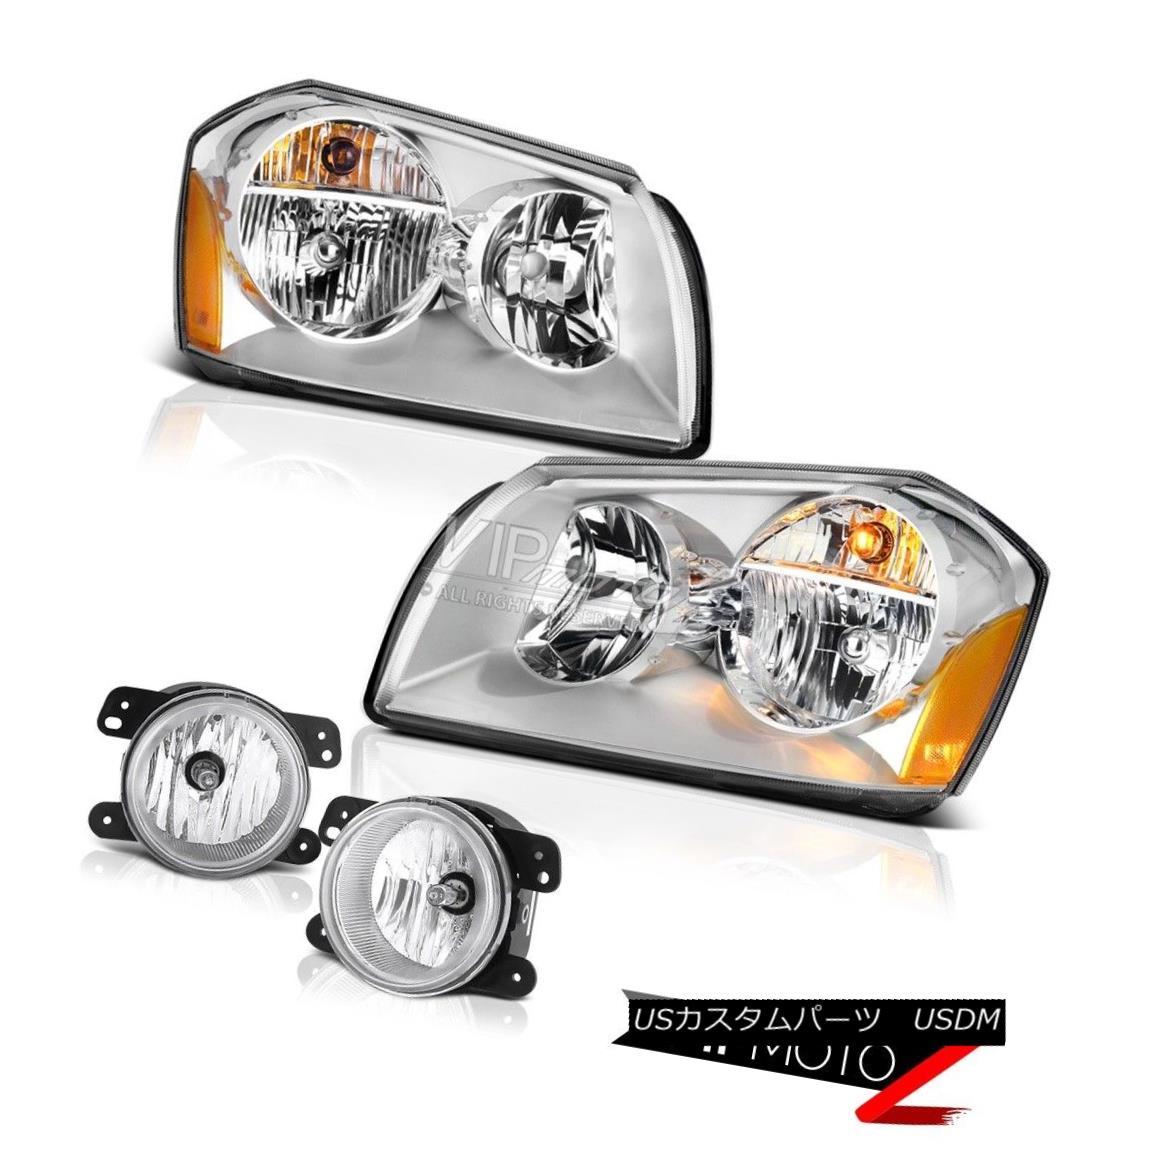 ヘッドライト 05-07 Dodge Magnum Se Sterling Chrome Foglights Headlights Crystal Lens Assembly 05-07ダッジマグナムセスターリングクロムフォグライトヘッドライトクリスタルレンズアセンブリ